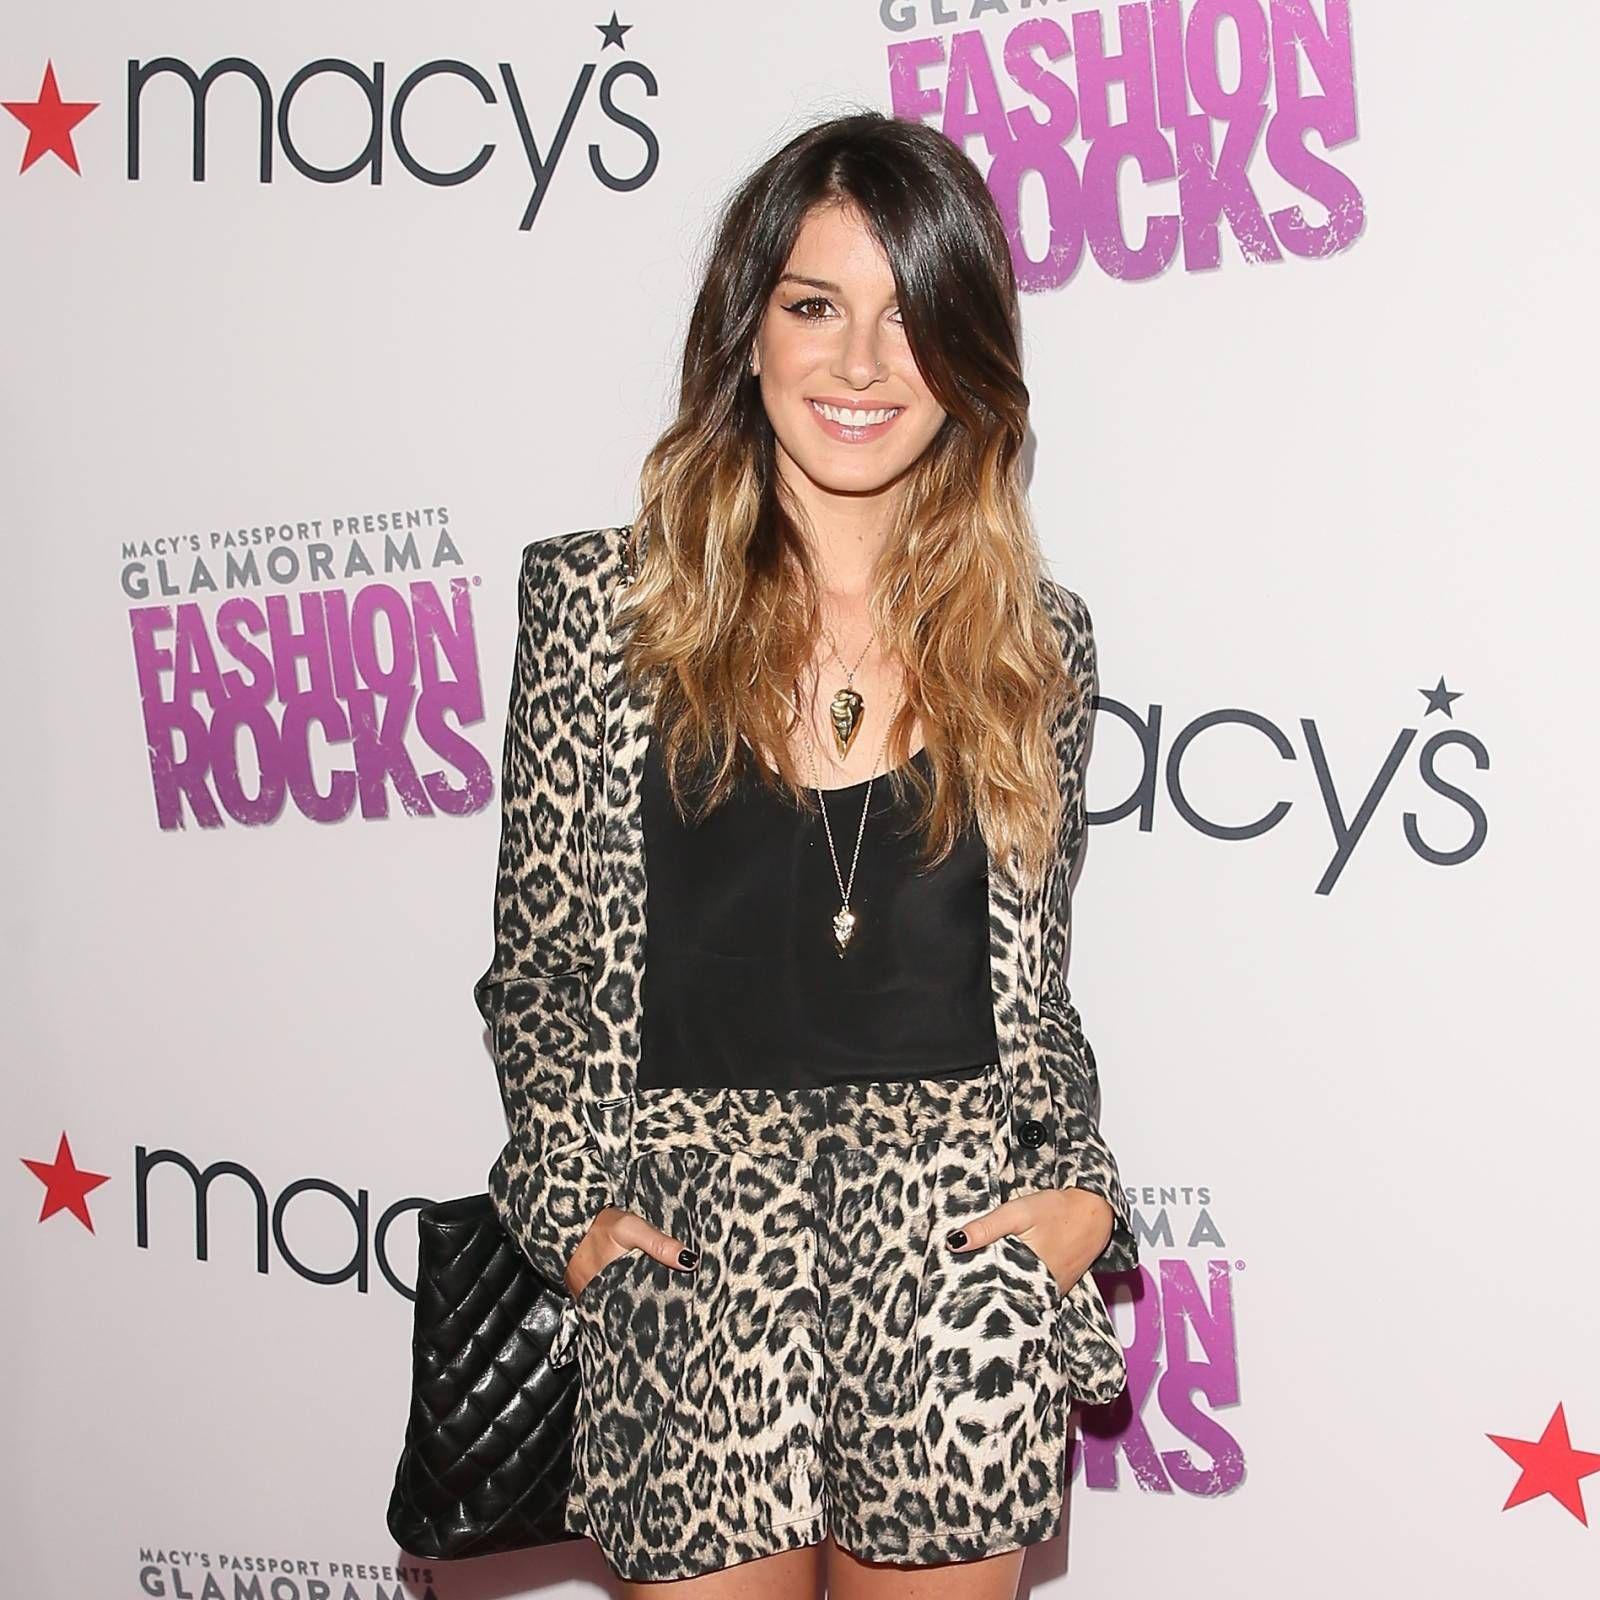 Shenae Grimes at Fashion Rocks 2014